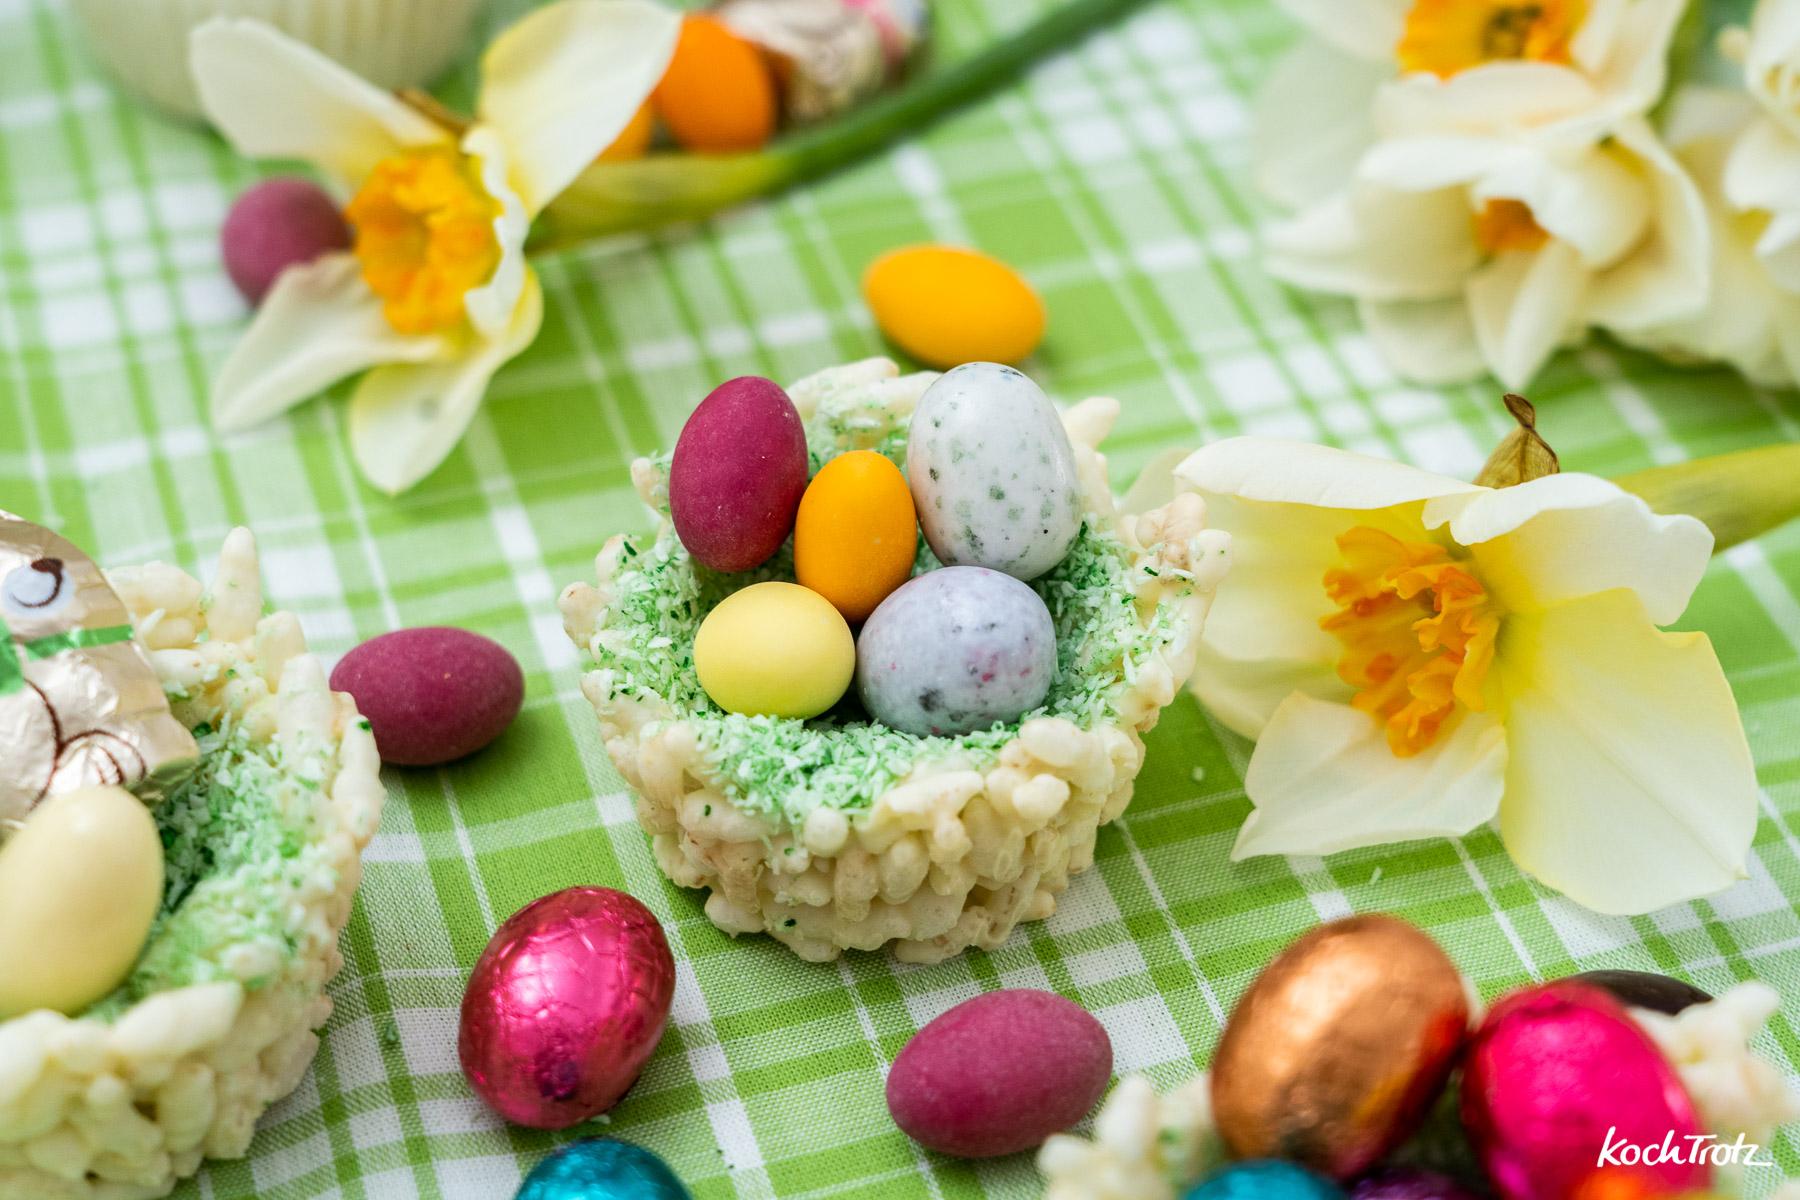 Schokoladen-Osternester mit Puffreis oder anderem gepufftem Getreide